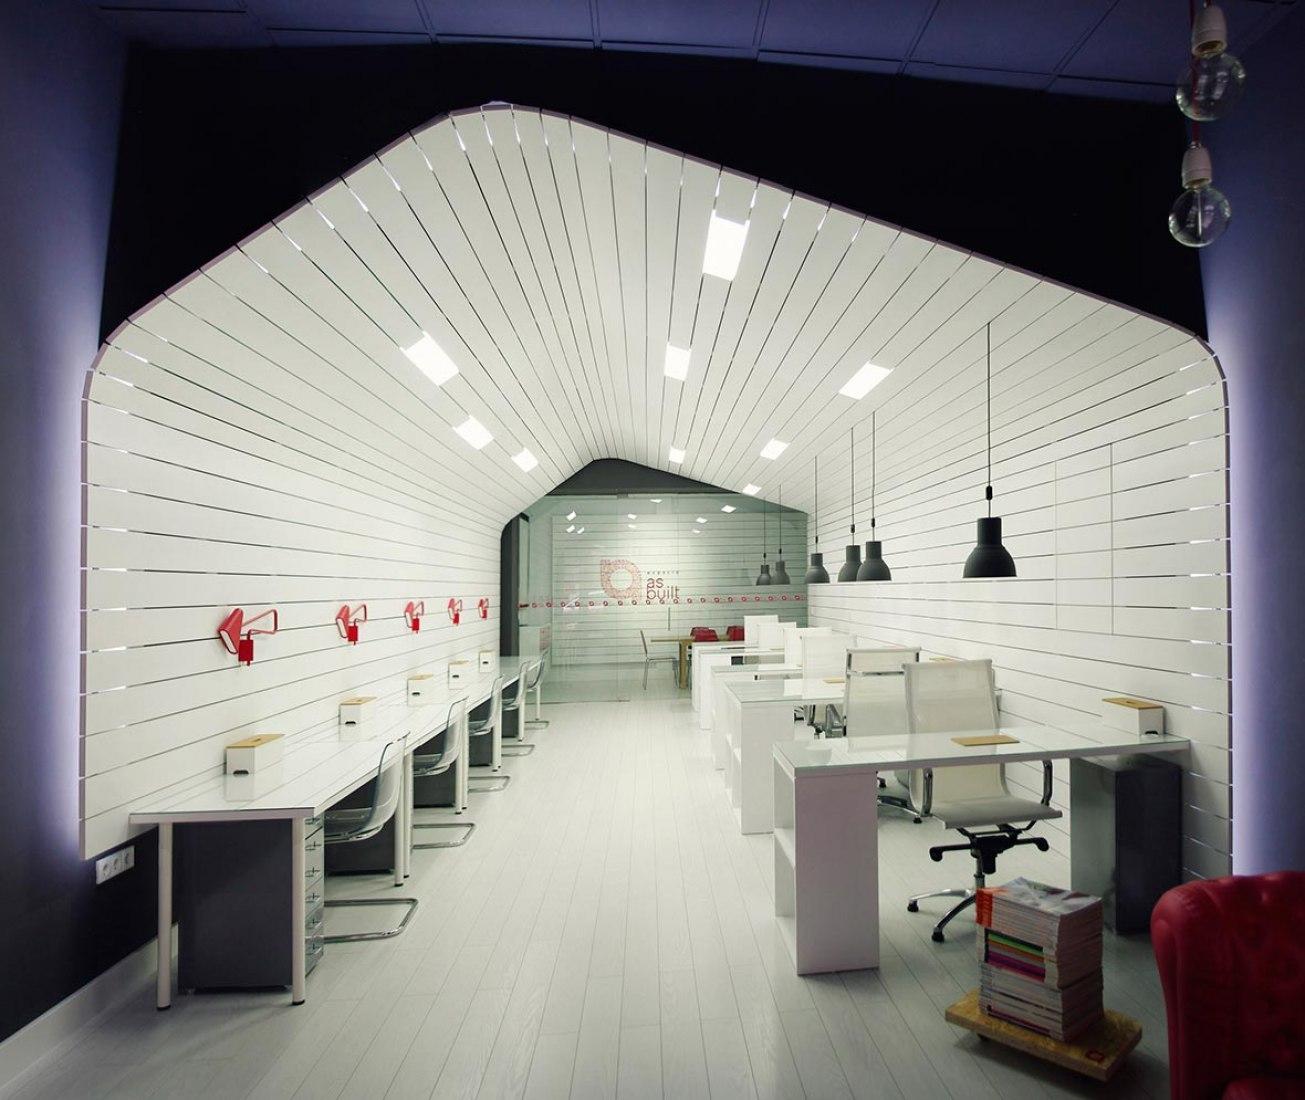 Reforma de local para despacho de Arquitectura / Coworking by as-built. Fotografía © Moncho Rey.